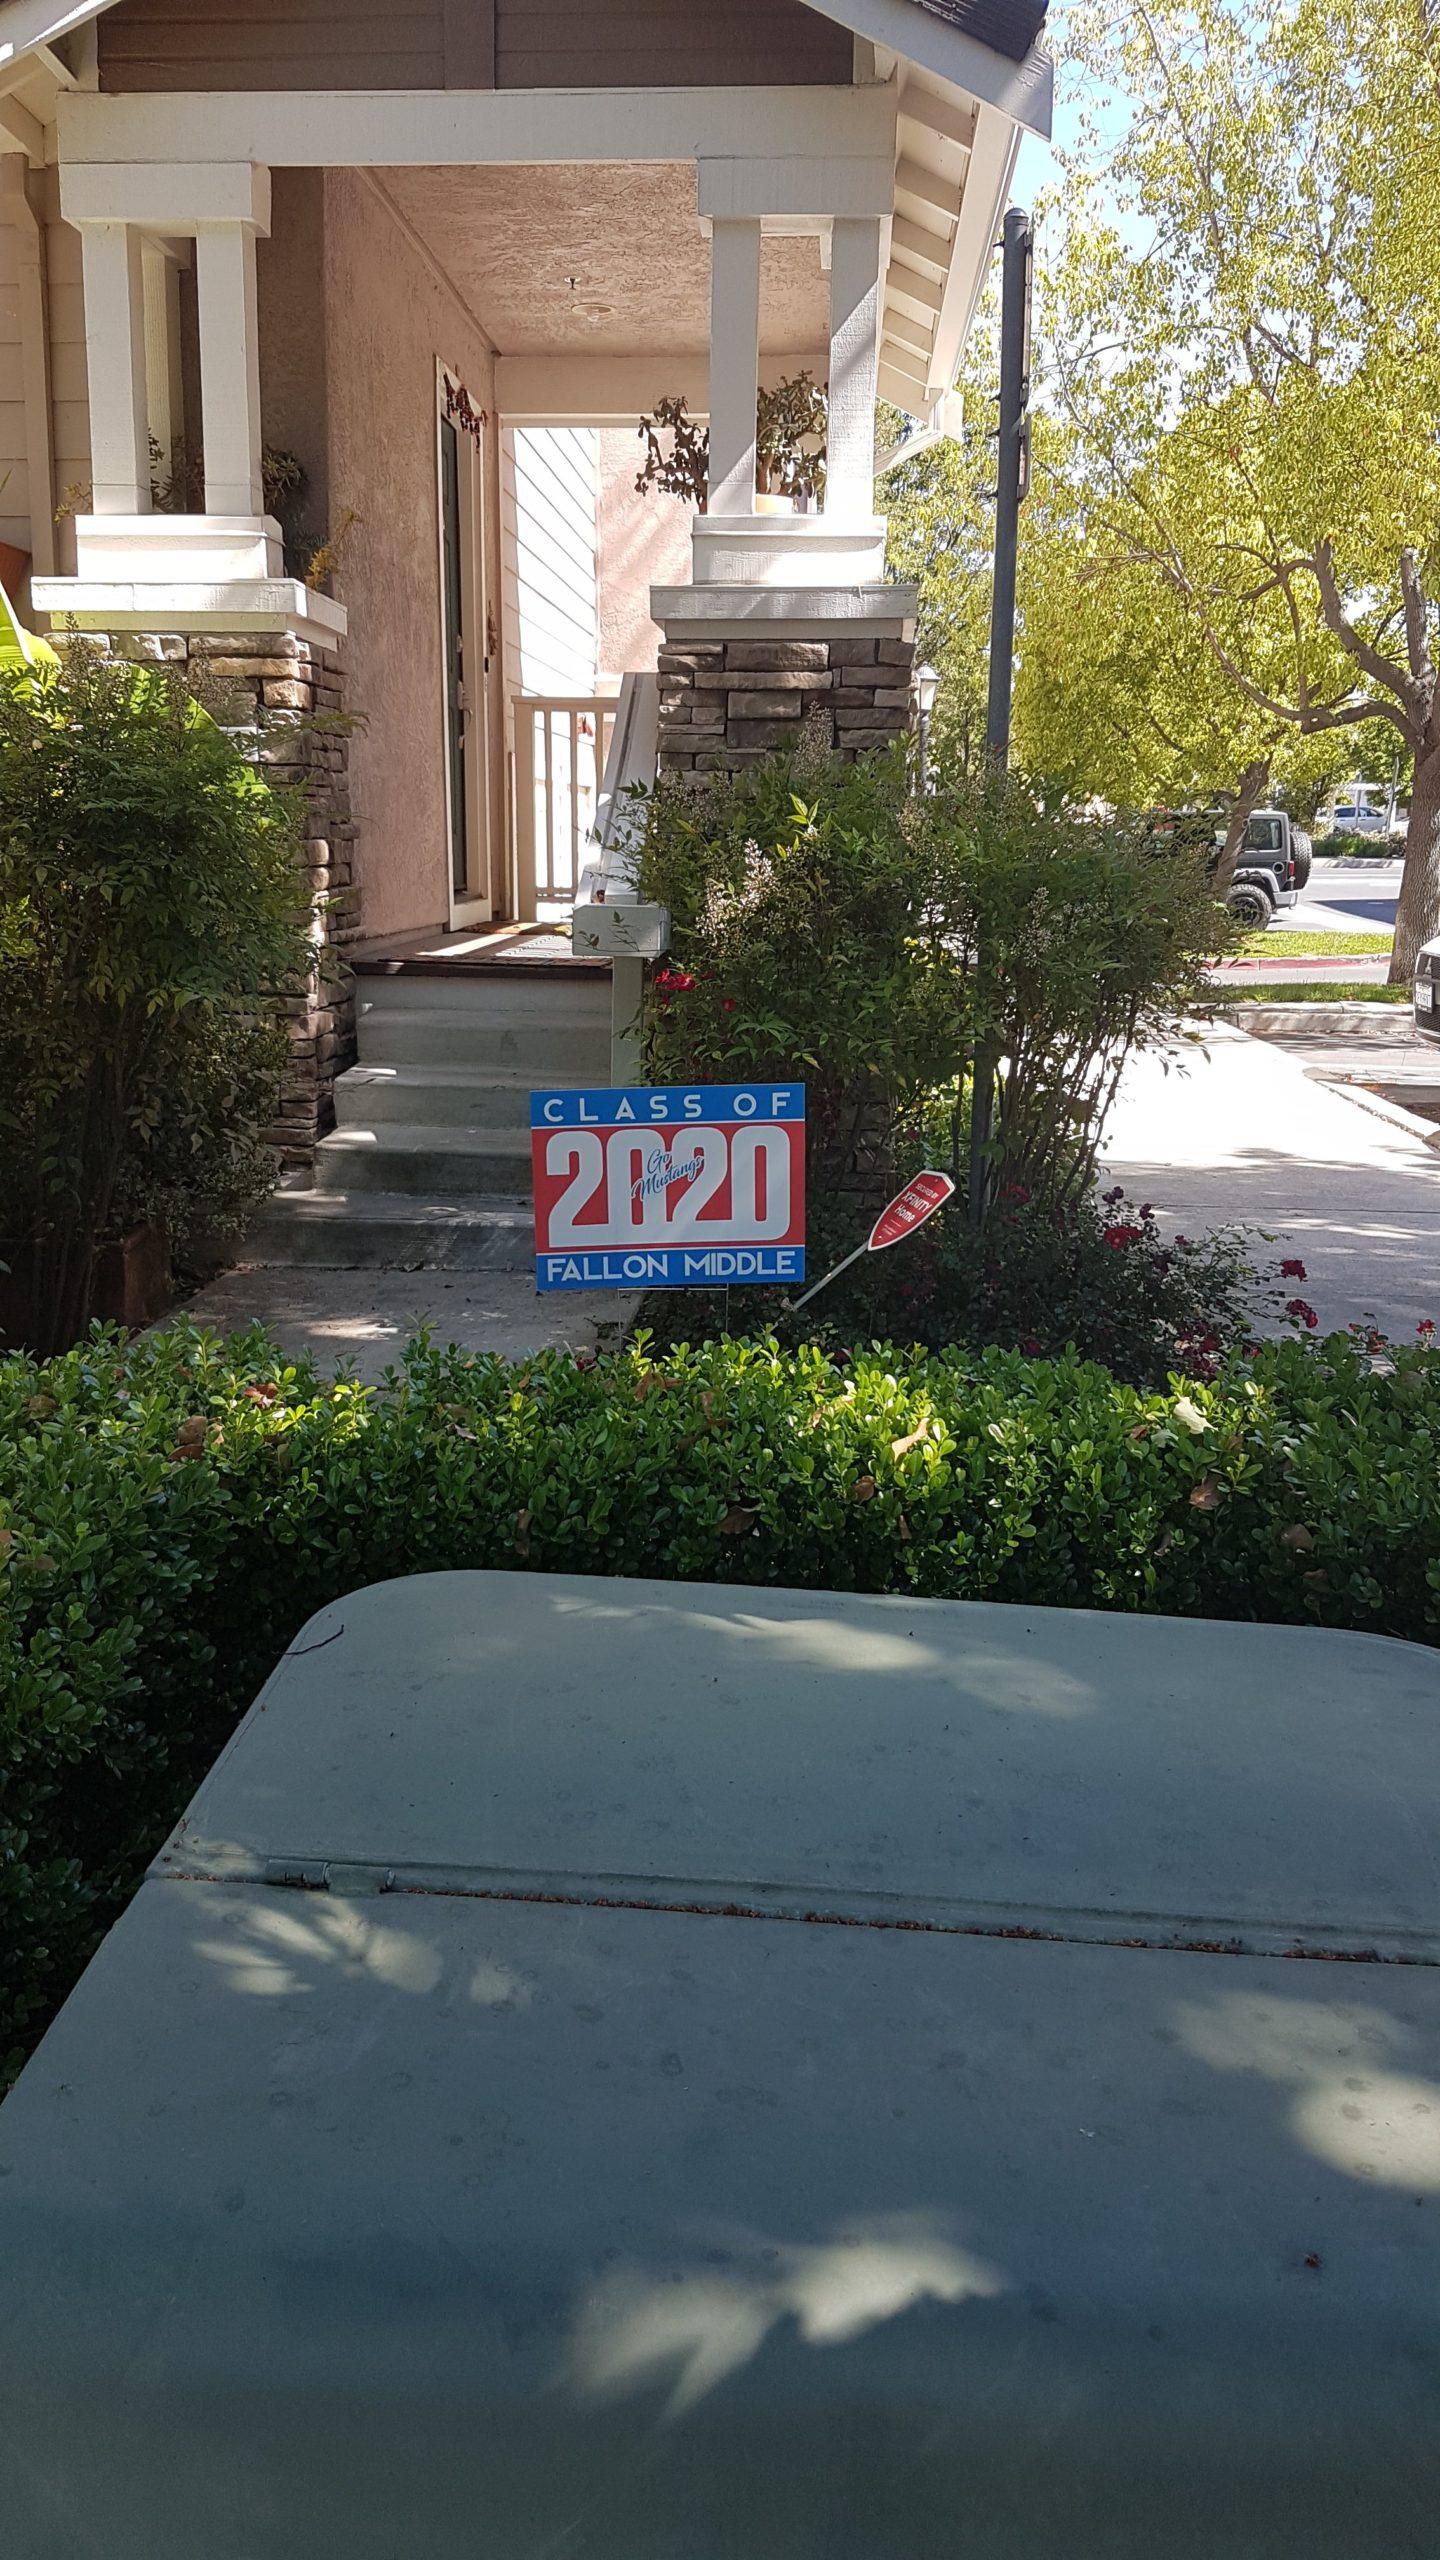 panneau graduation sur la pelouse d'une maison américaine